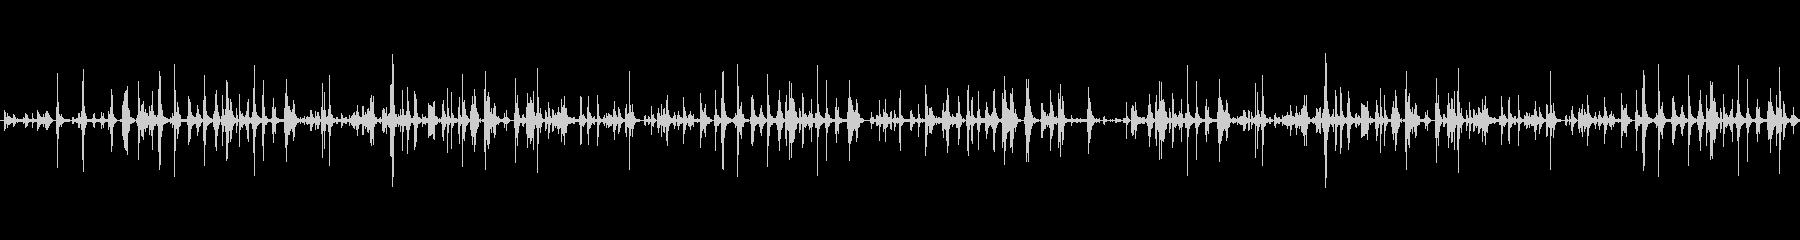 【PC キーボード01-4】の未再生の波形